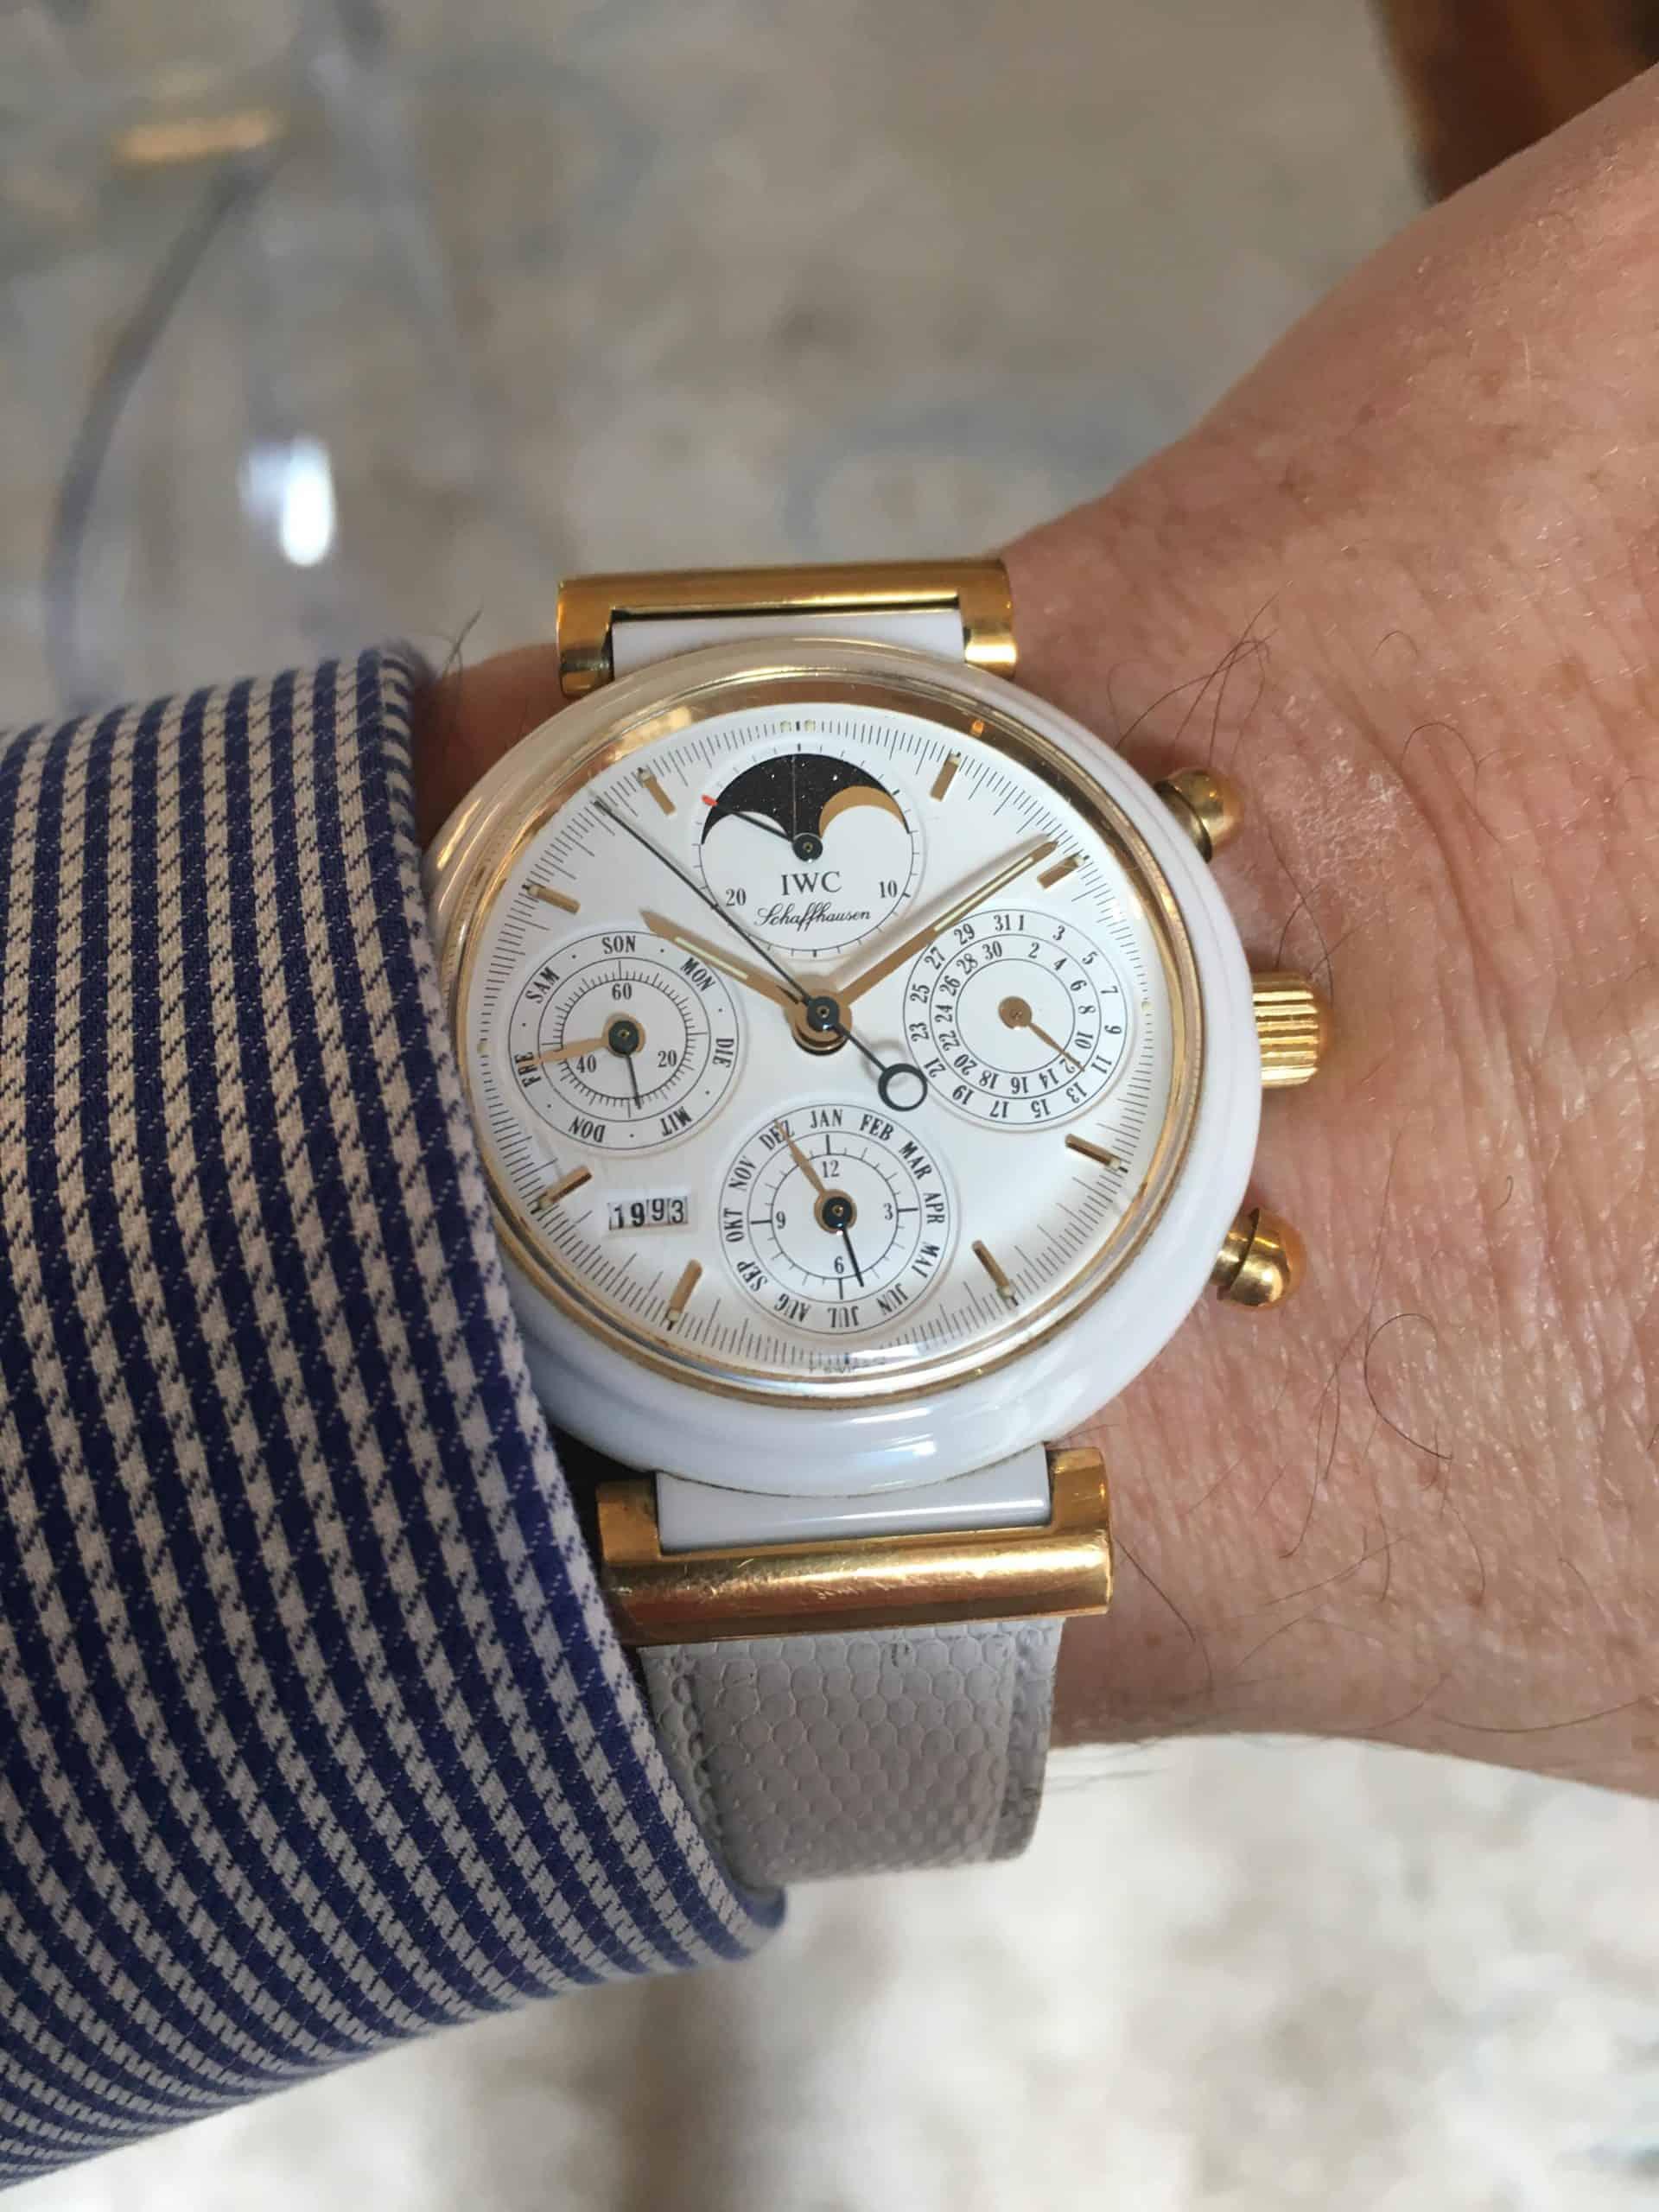 Die weiße Uhr IWC da Vinci mit weißem Keramik-Gehäuse